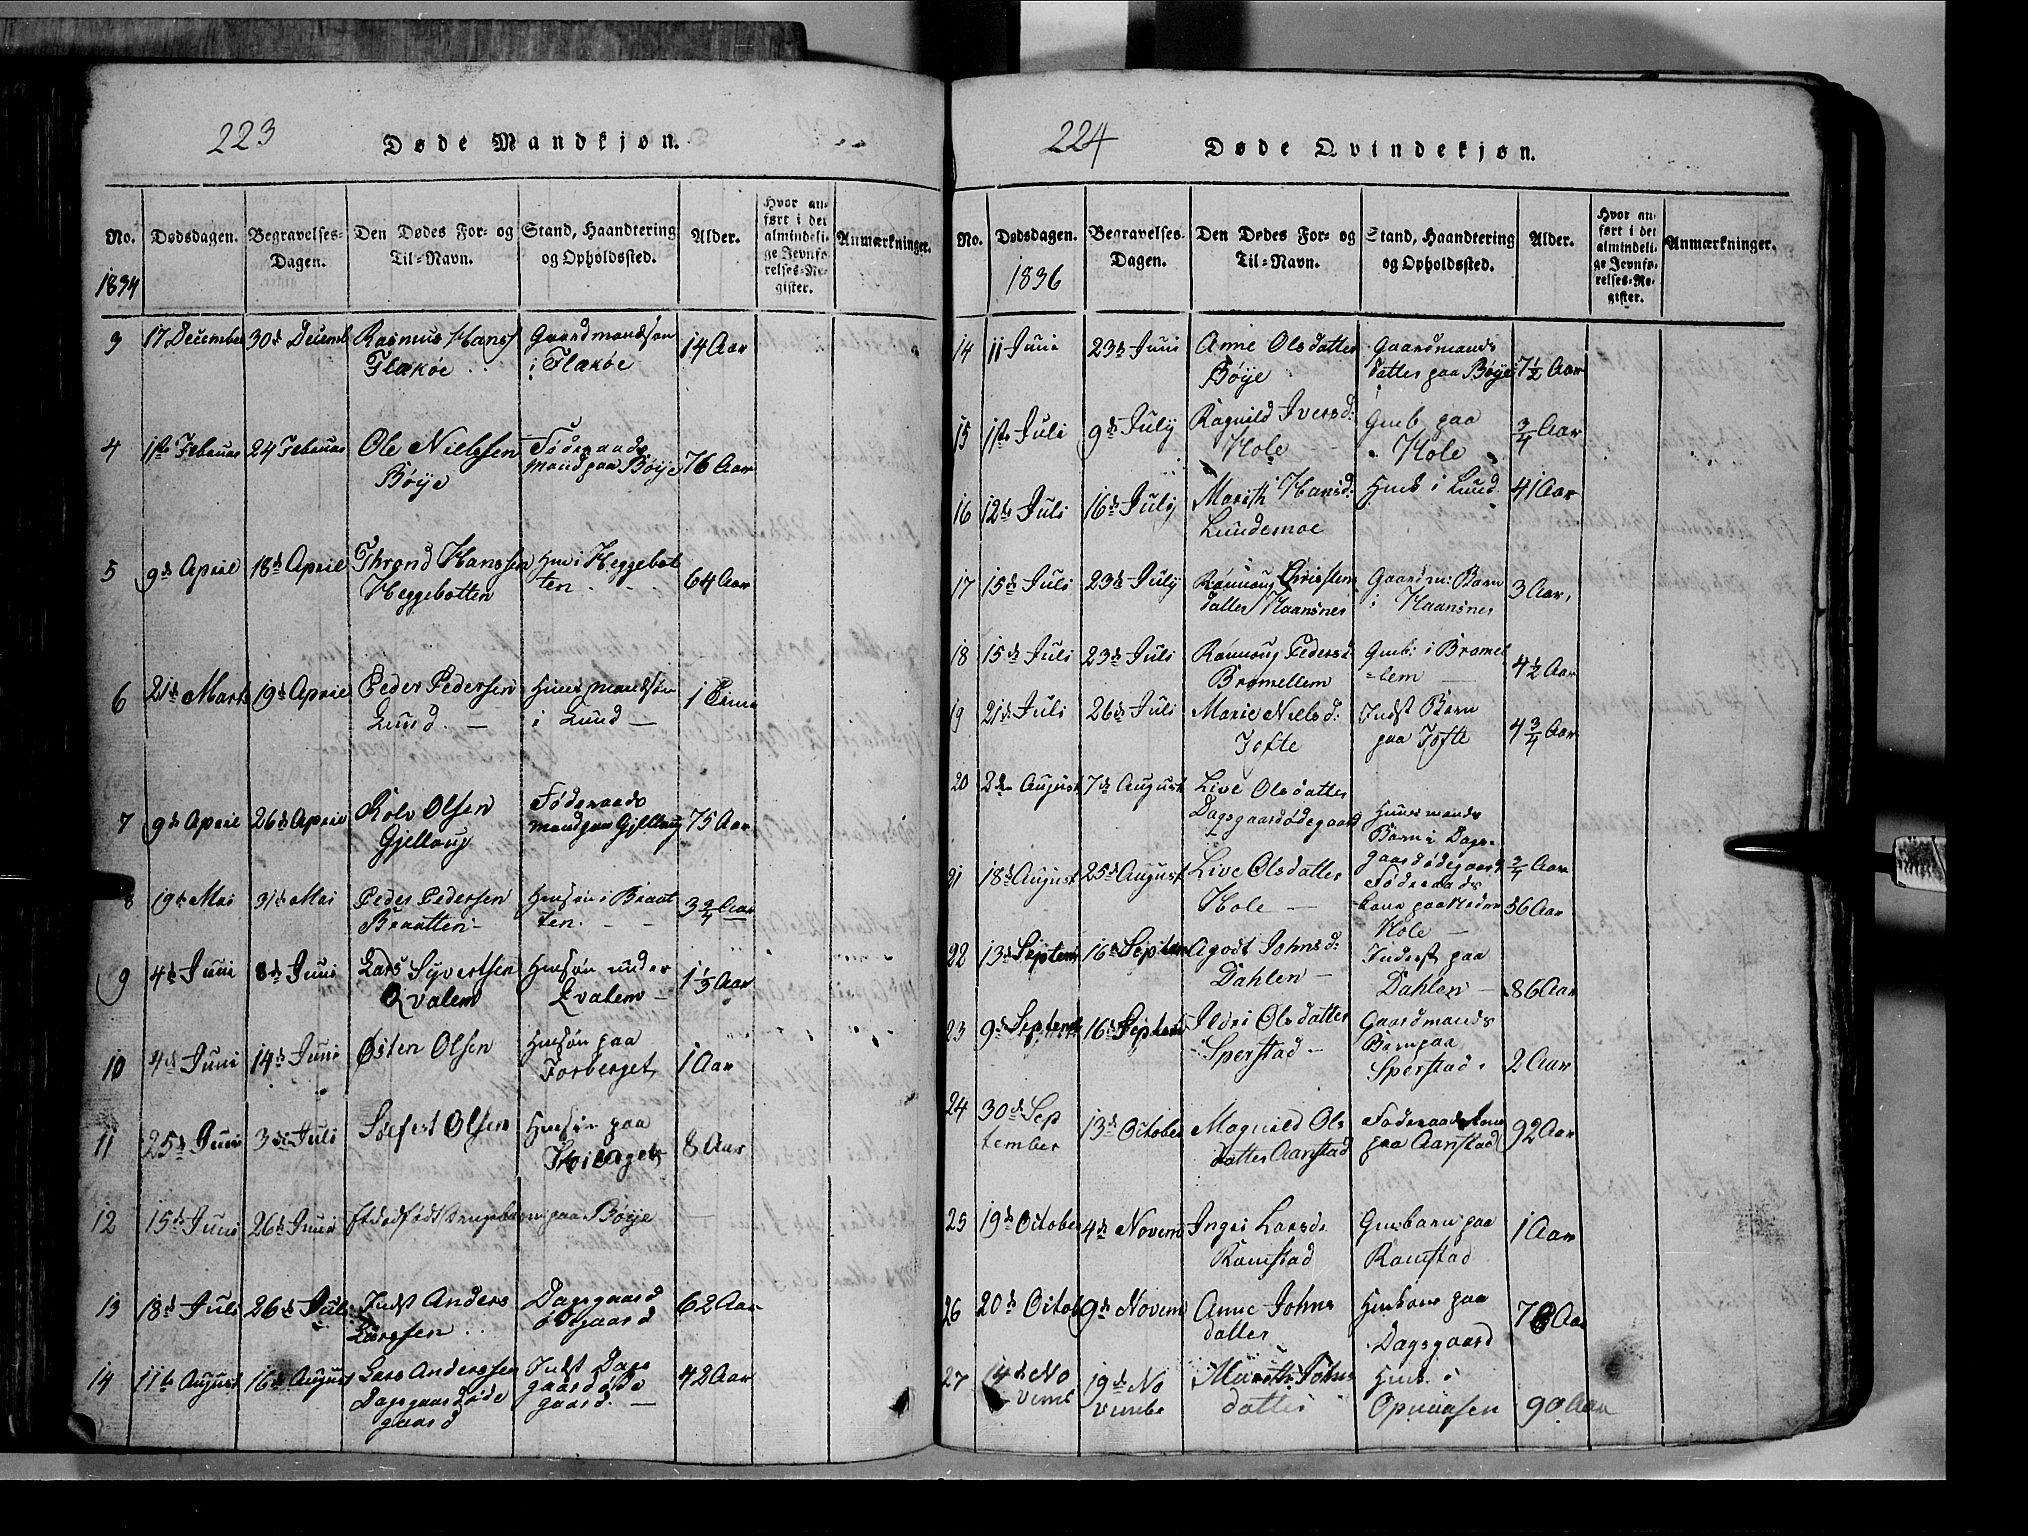 SAH, Lom prestekontor, L/L0003: Klokkerbok nr. 3, 1815-1844, s. 223-224